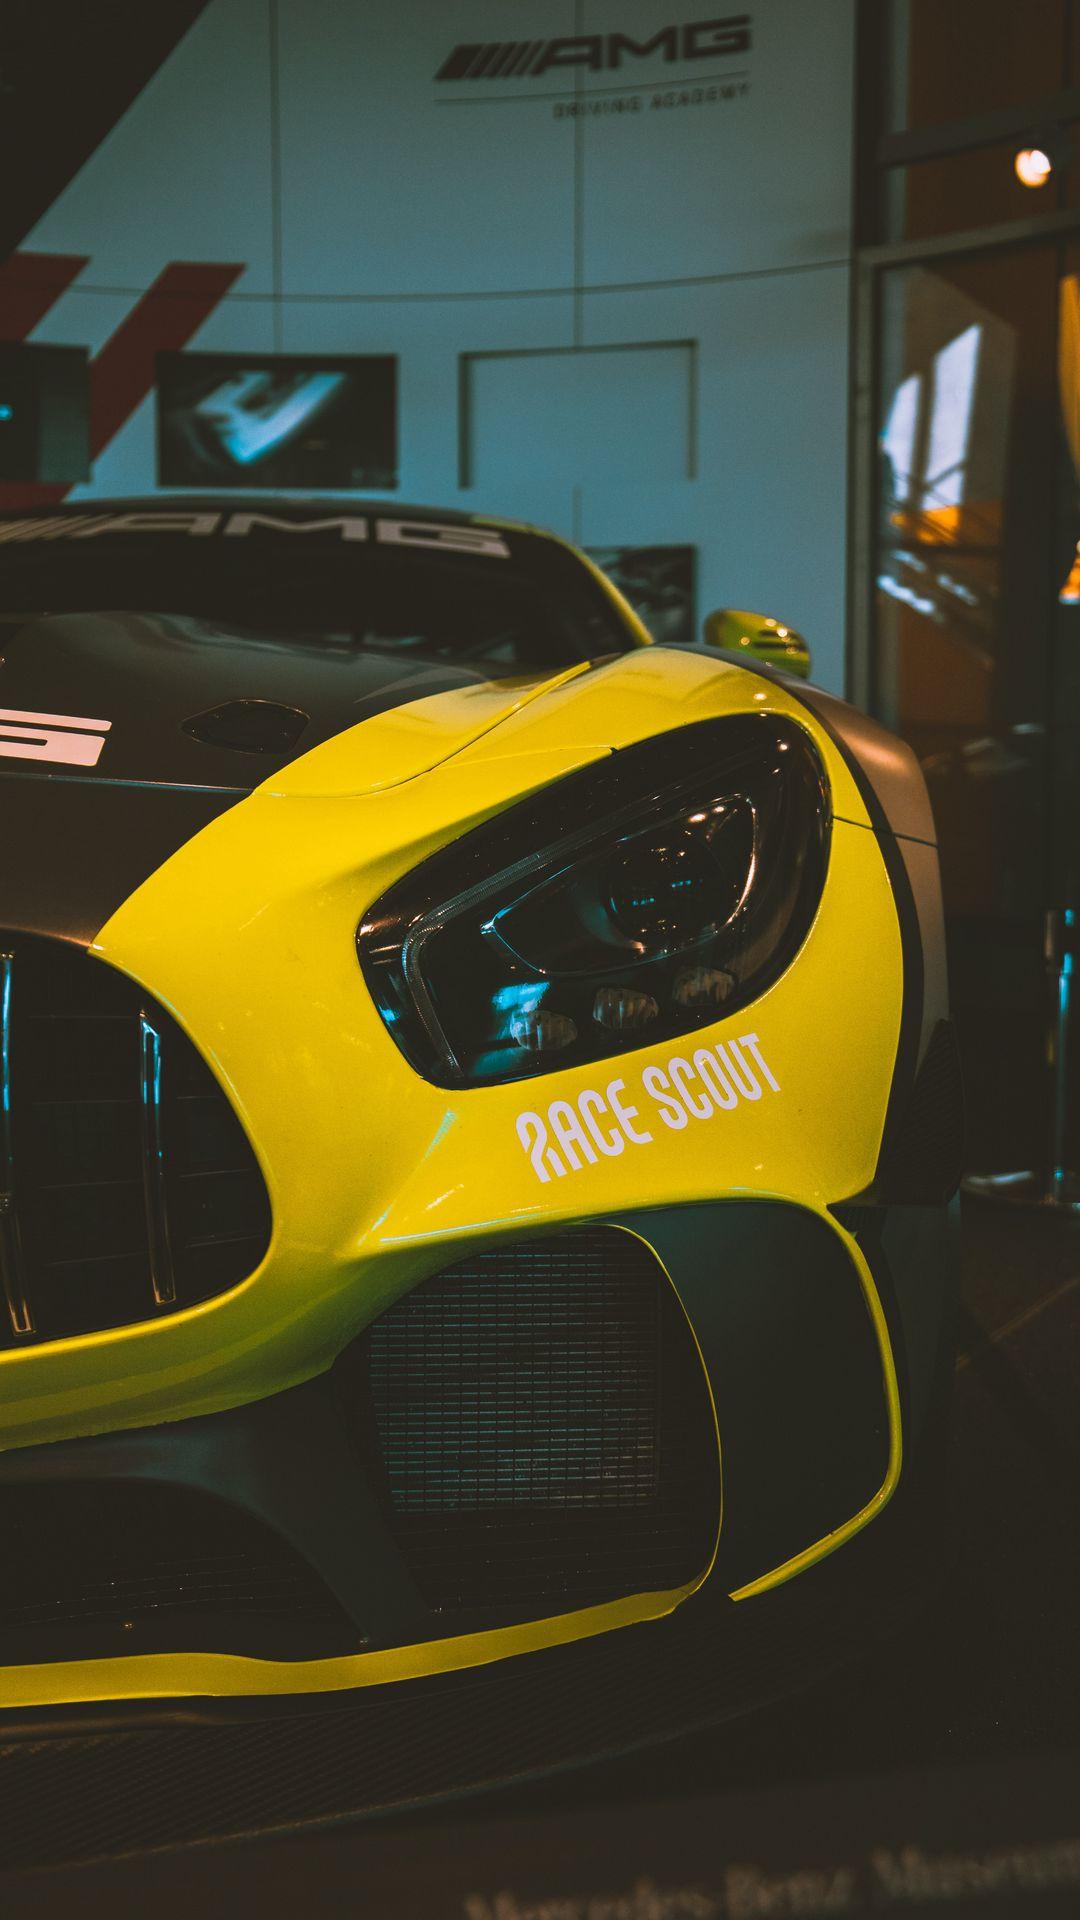 Lamborghini Supercars Wallpapers Free Download